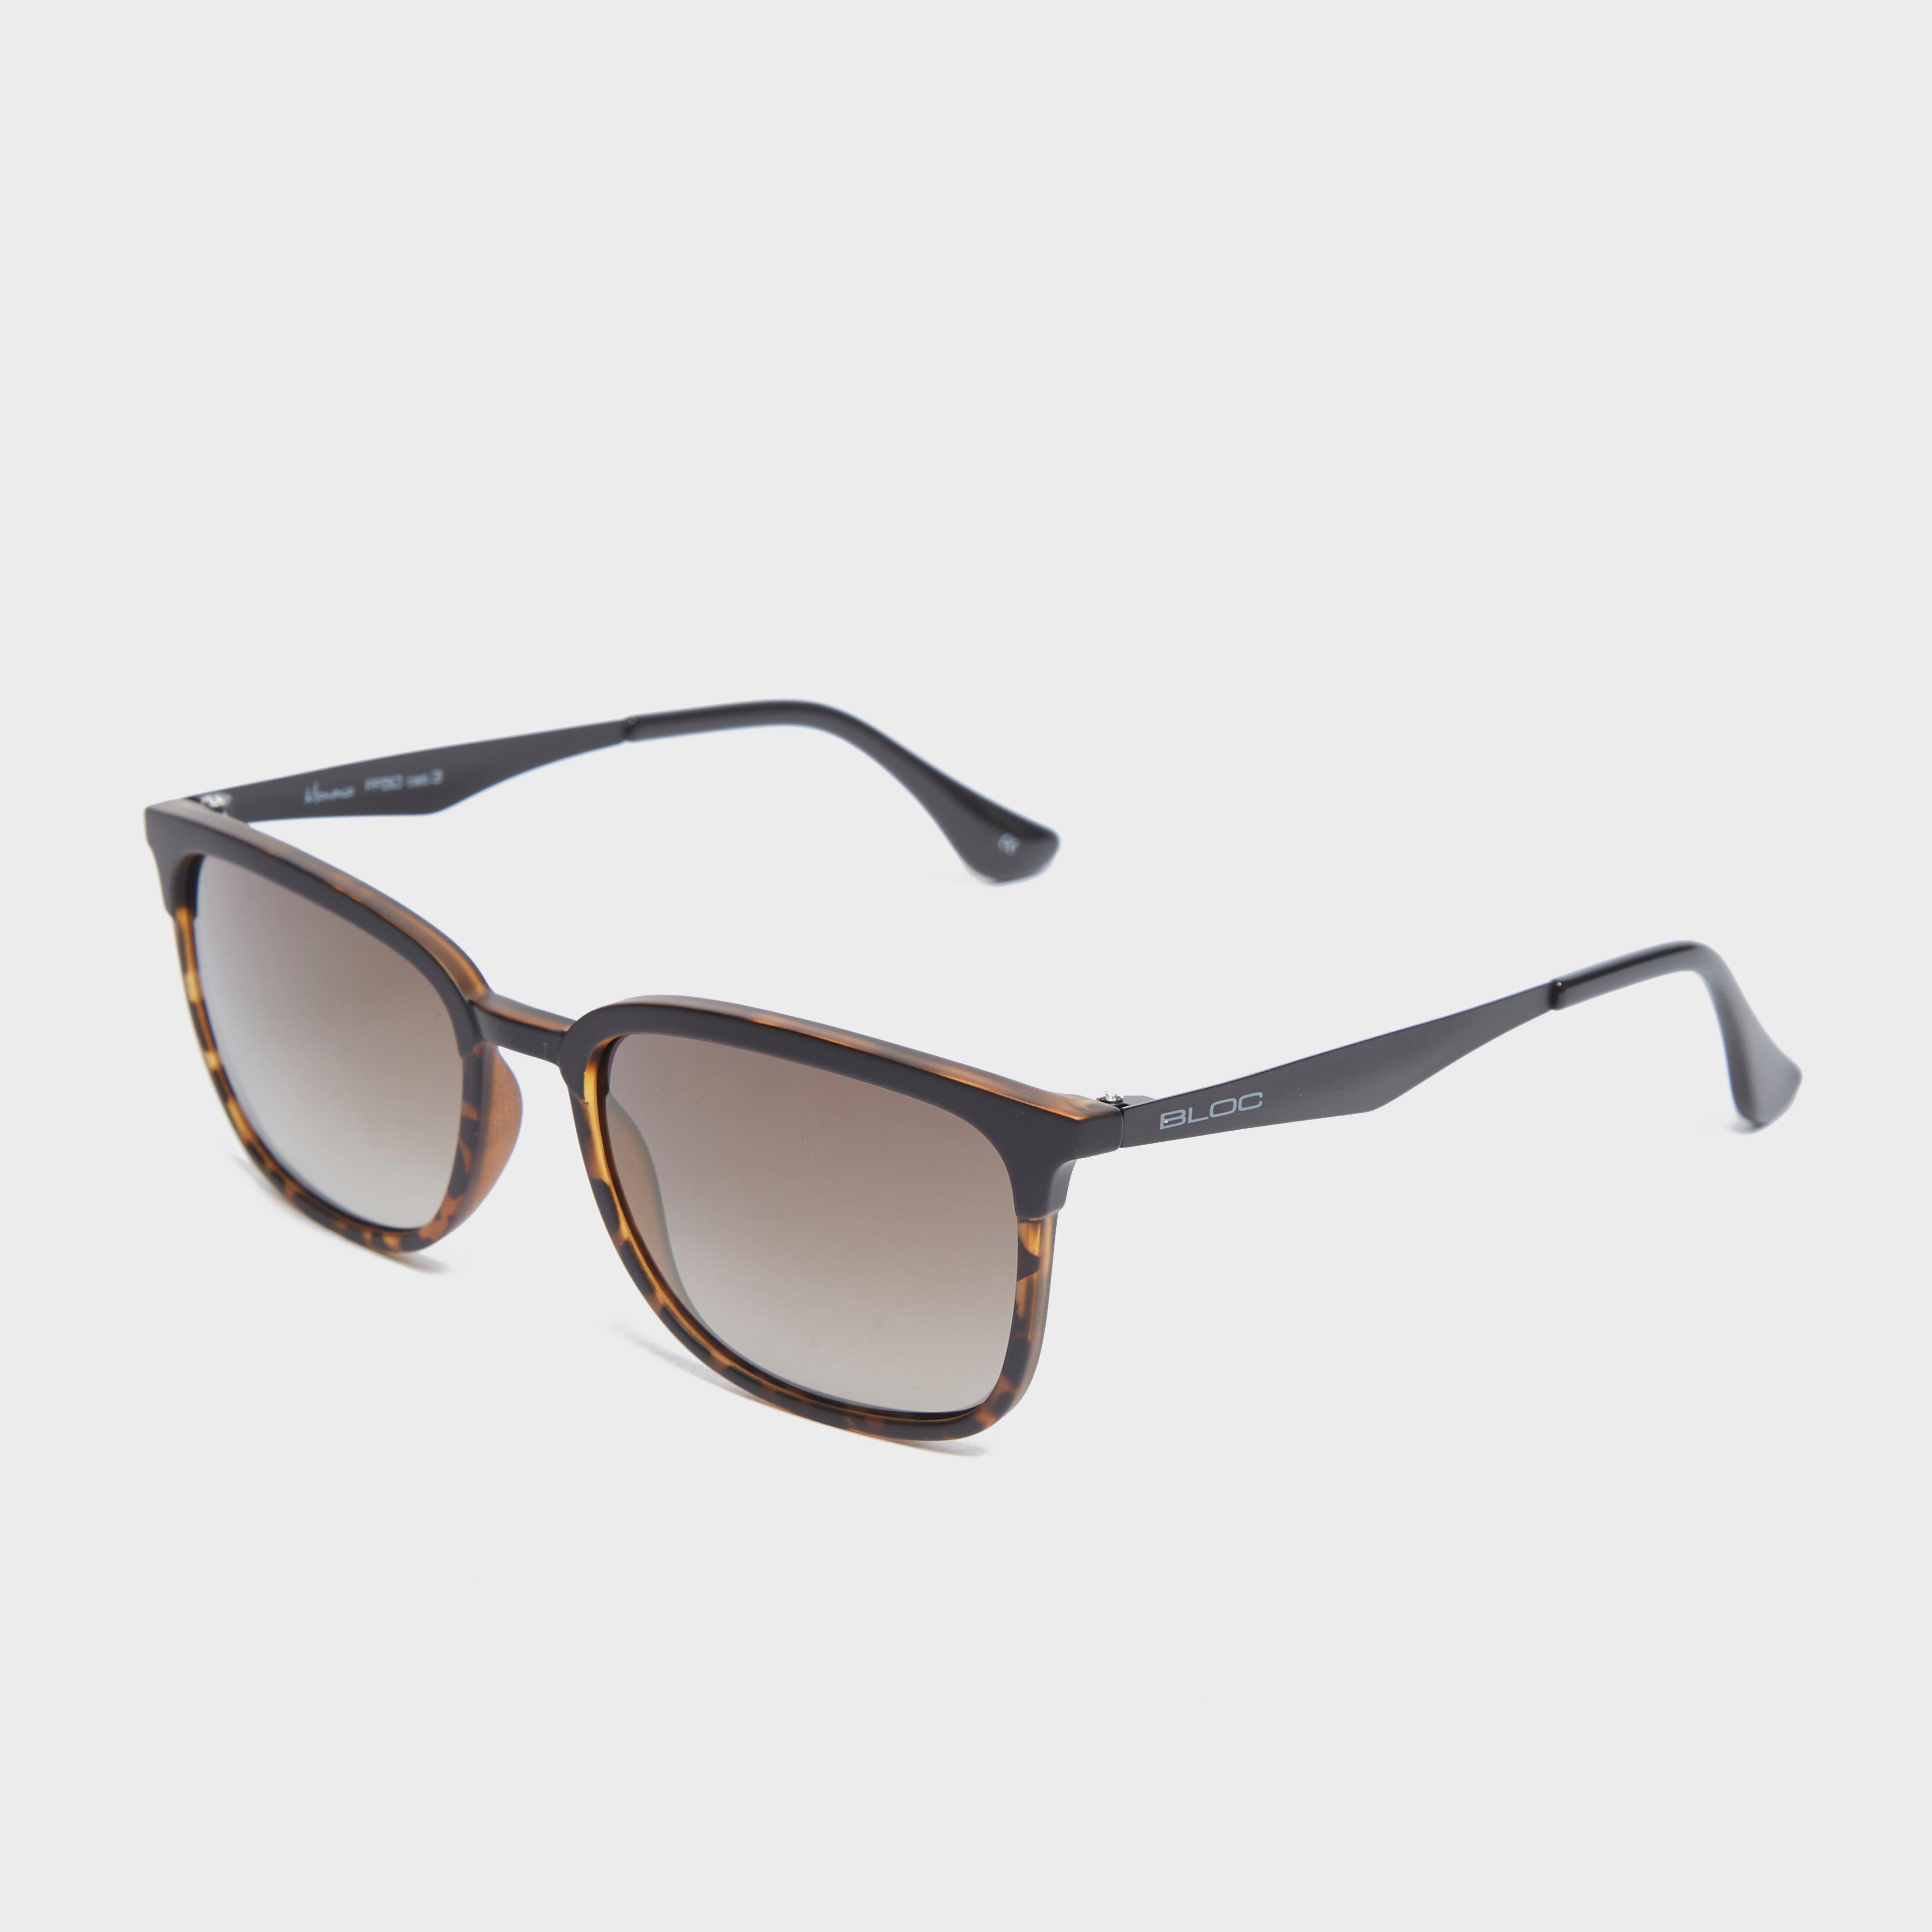 Bloc Monaco Ff52 Sunglasses - Black/ff50  Black/ff50